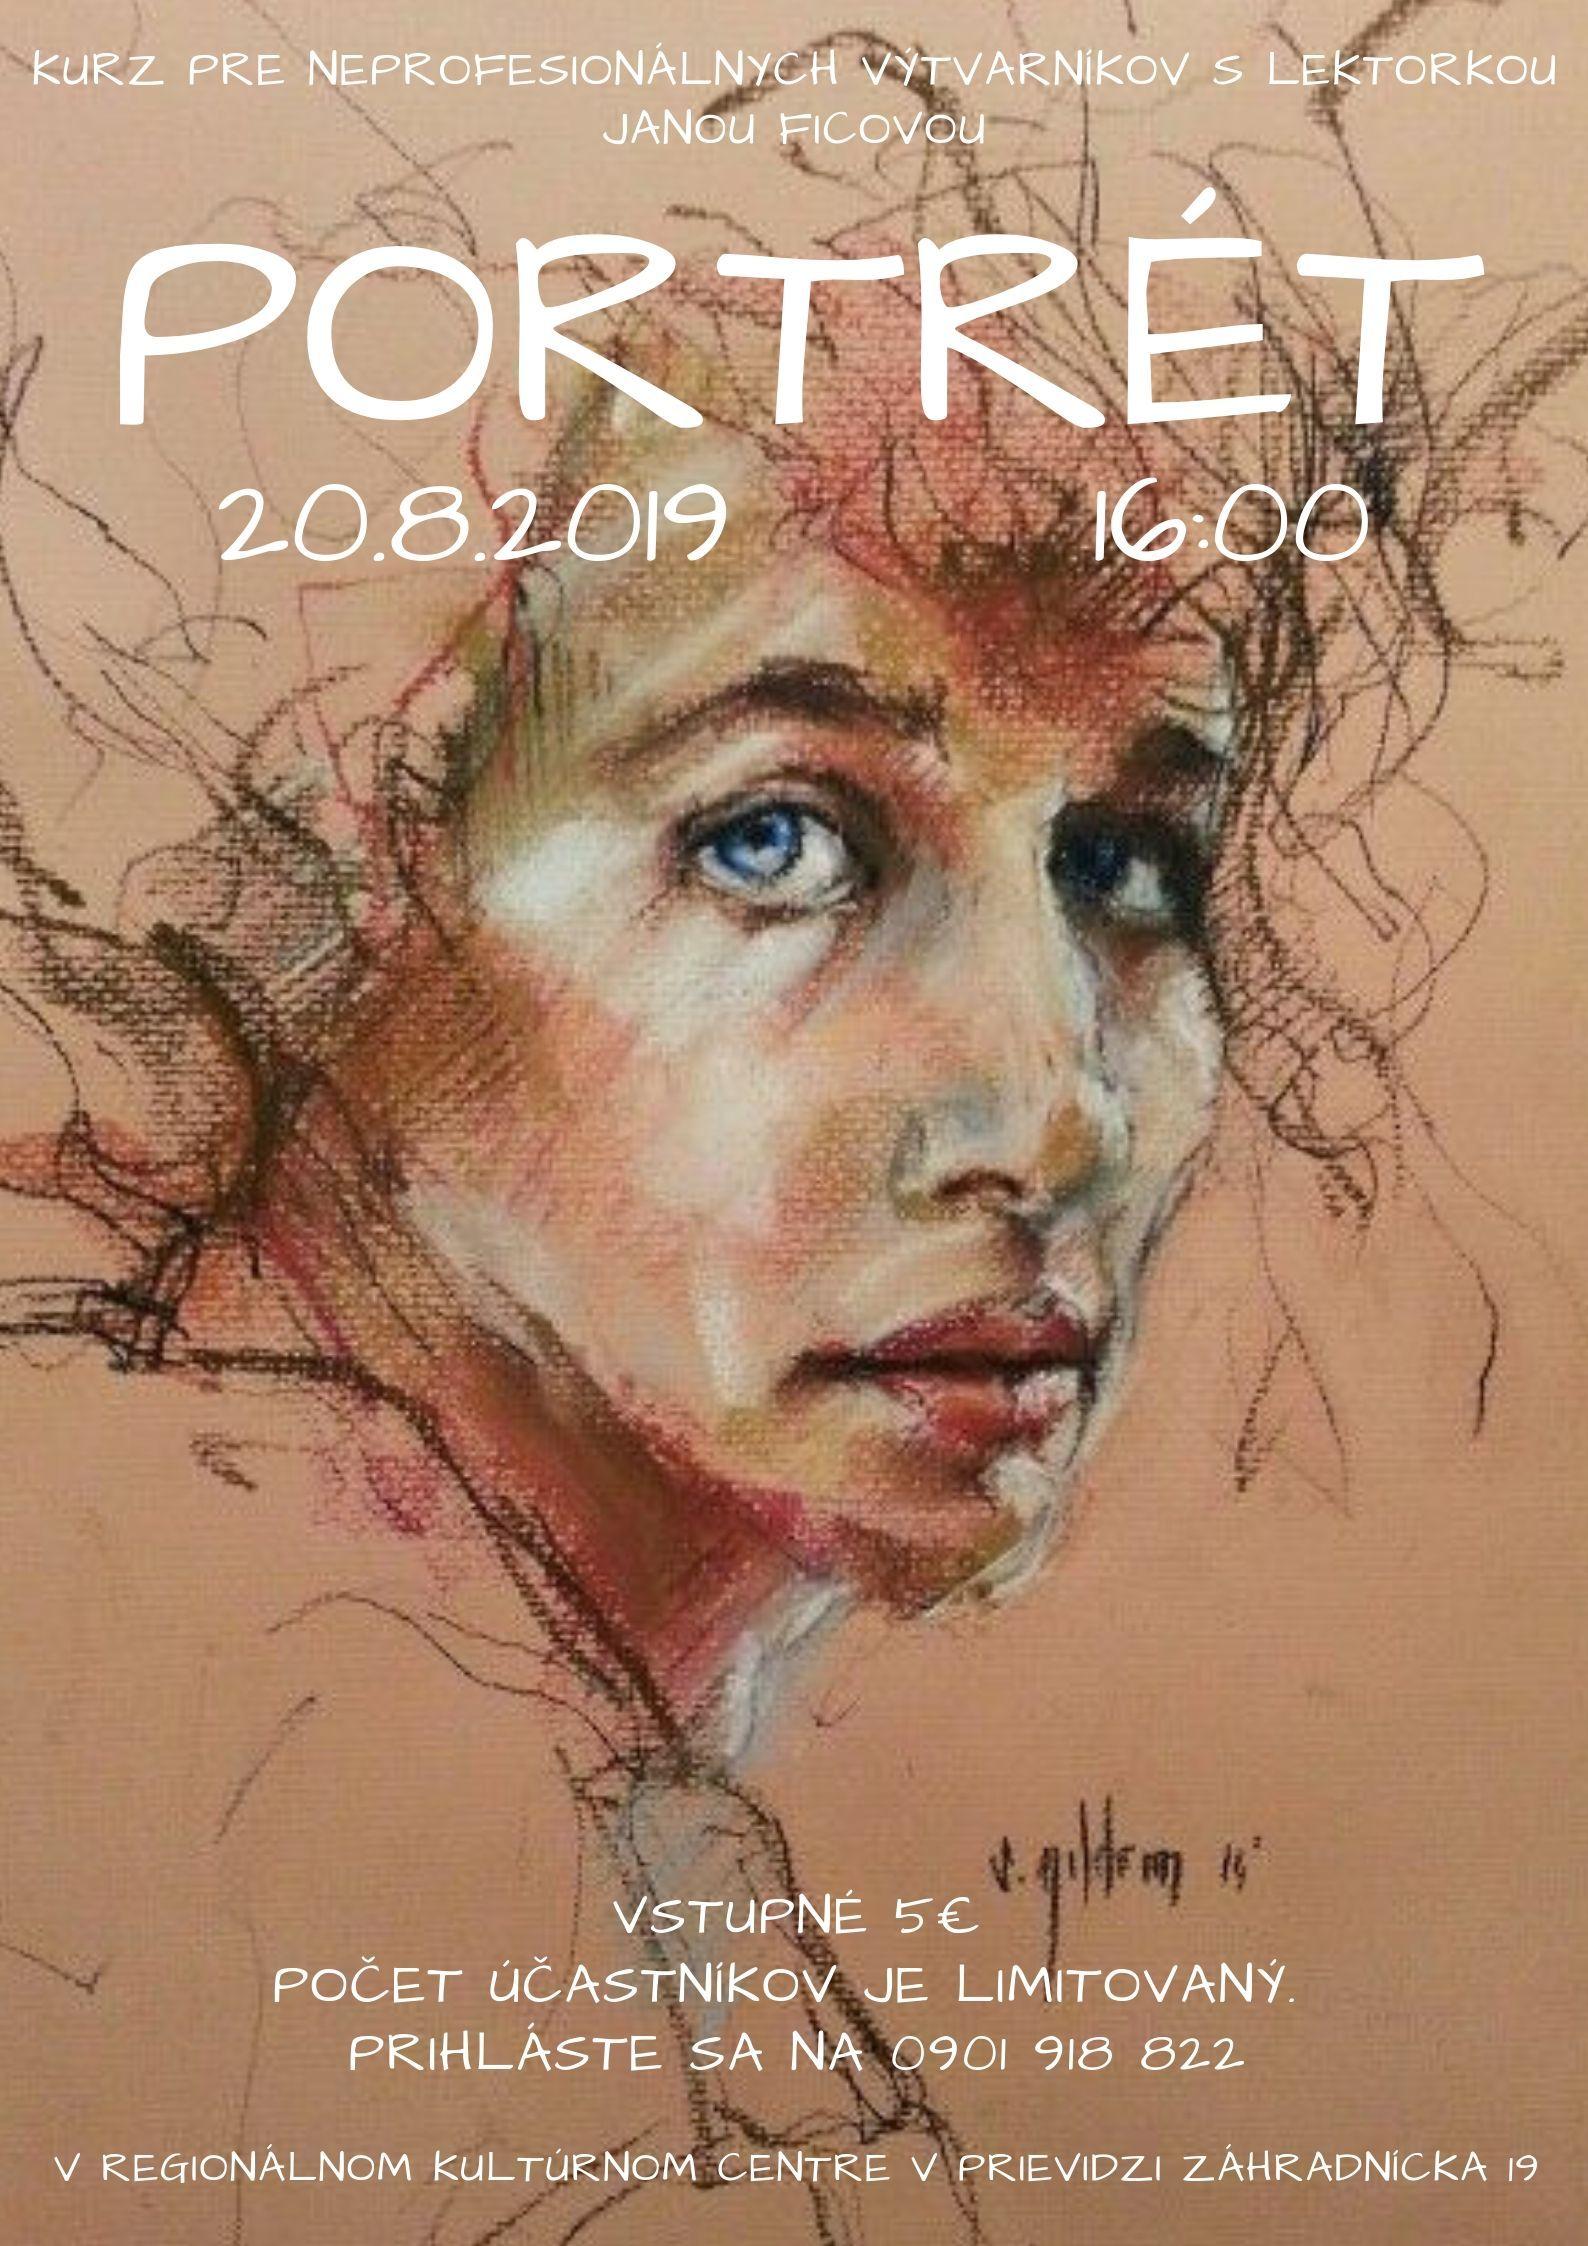 Kurz pre neprofesionálnych výtvarníkov: Portrét